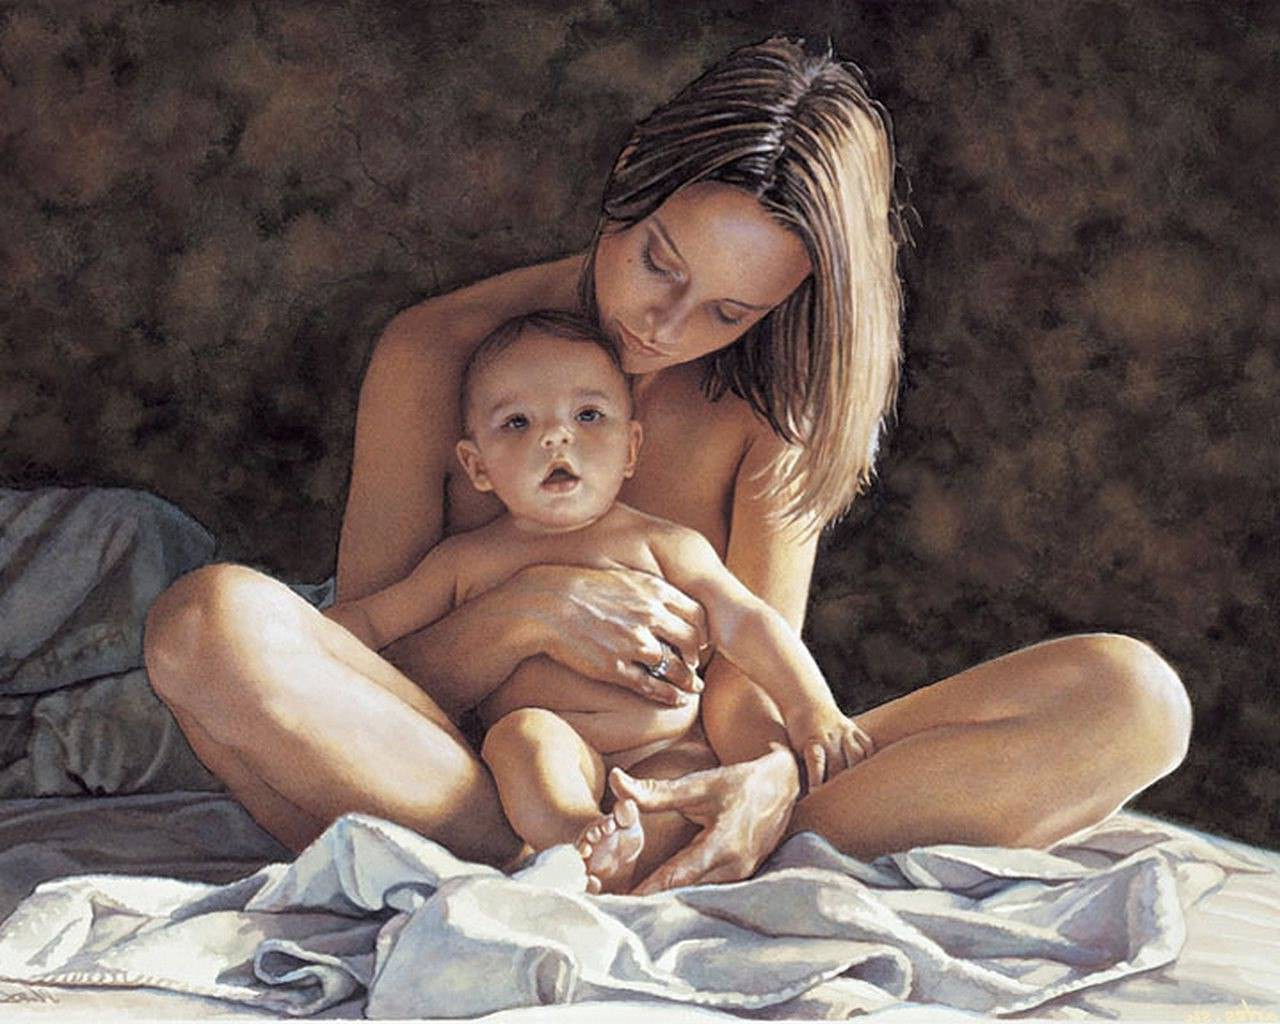 Соитие мамы с сыном, Порно: мама и сын. Инцест мамы и сына. Секс мамы 9 фотография